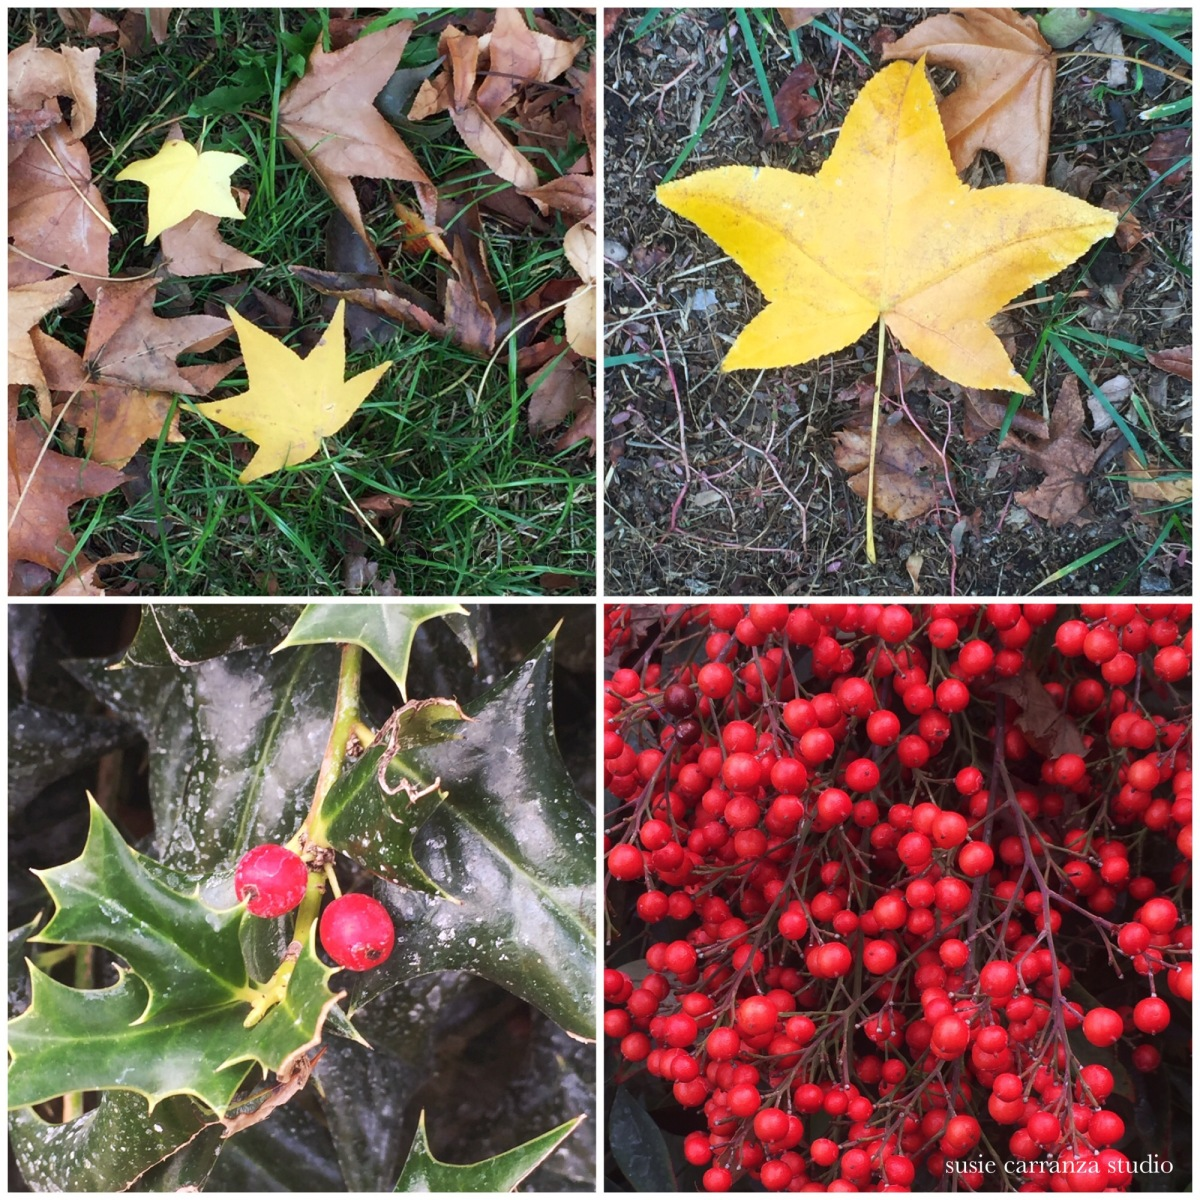 Photos from my sister's garden...